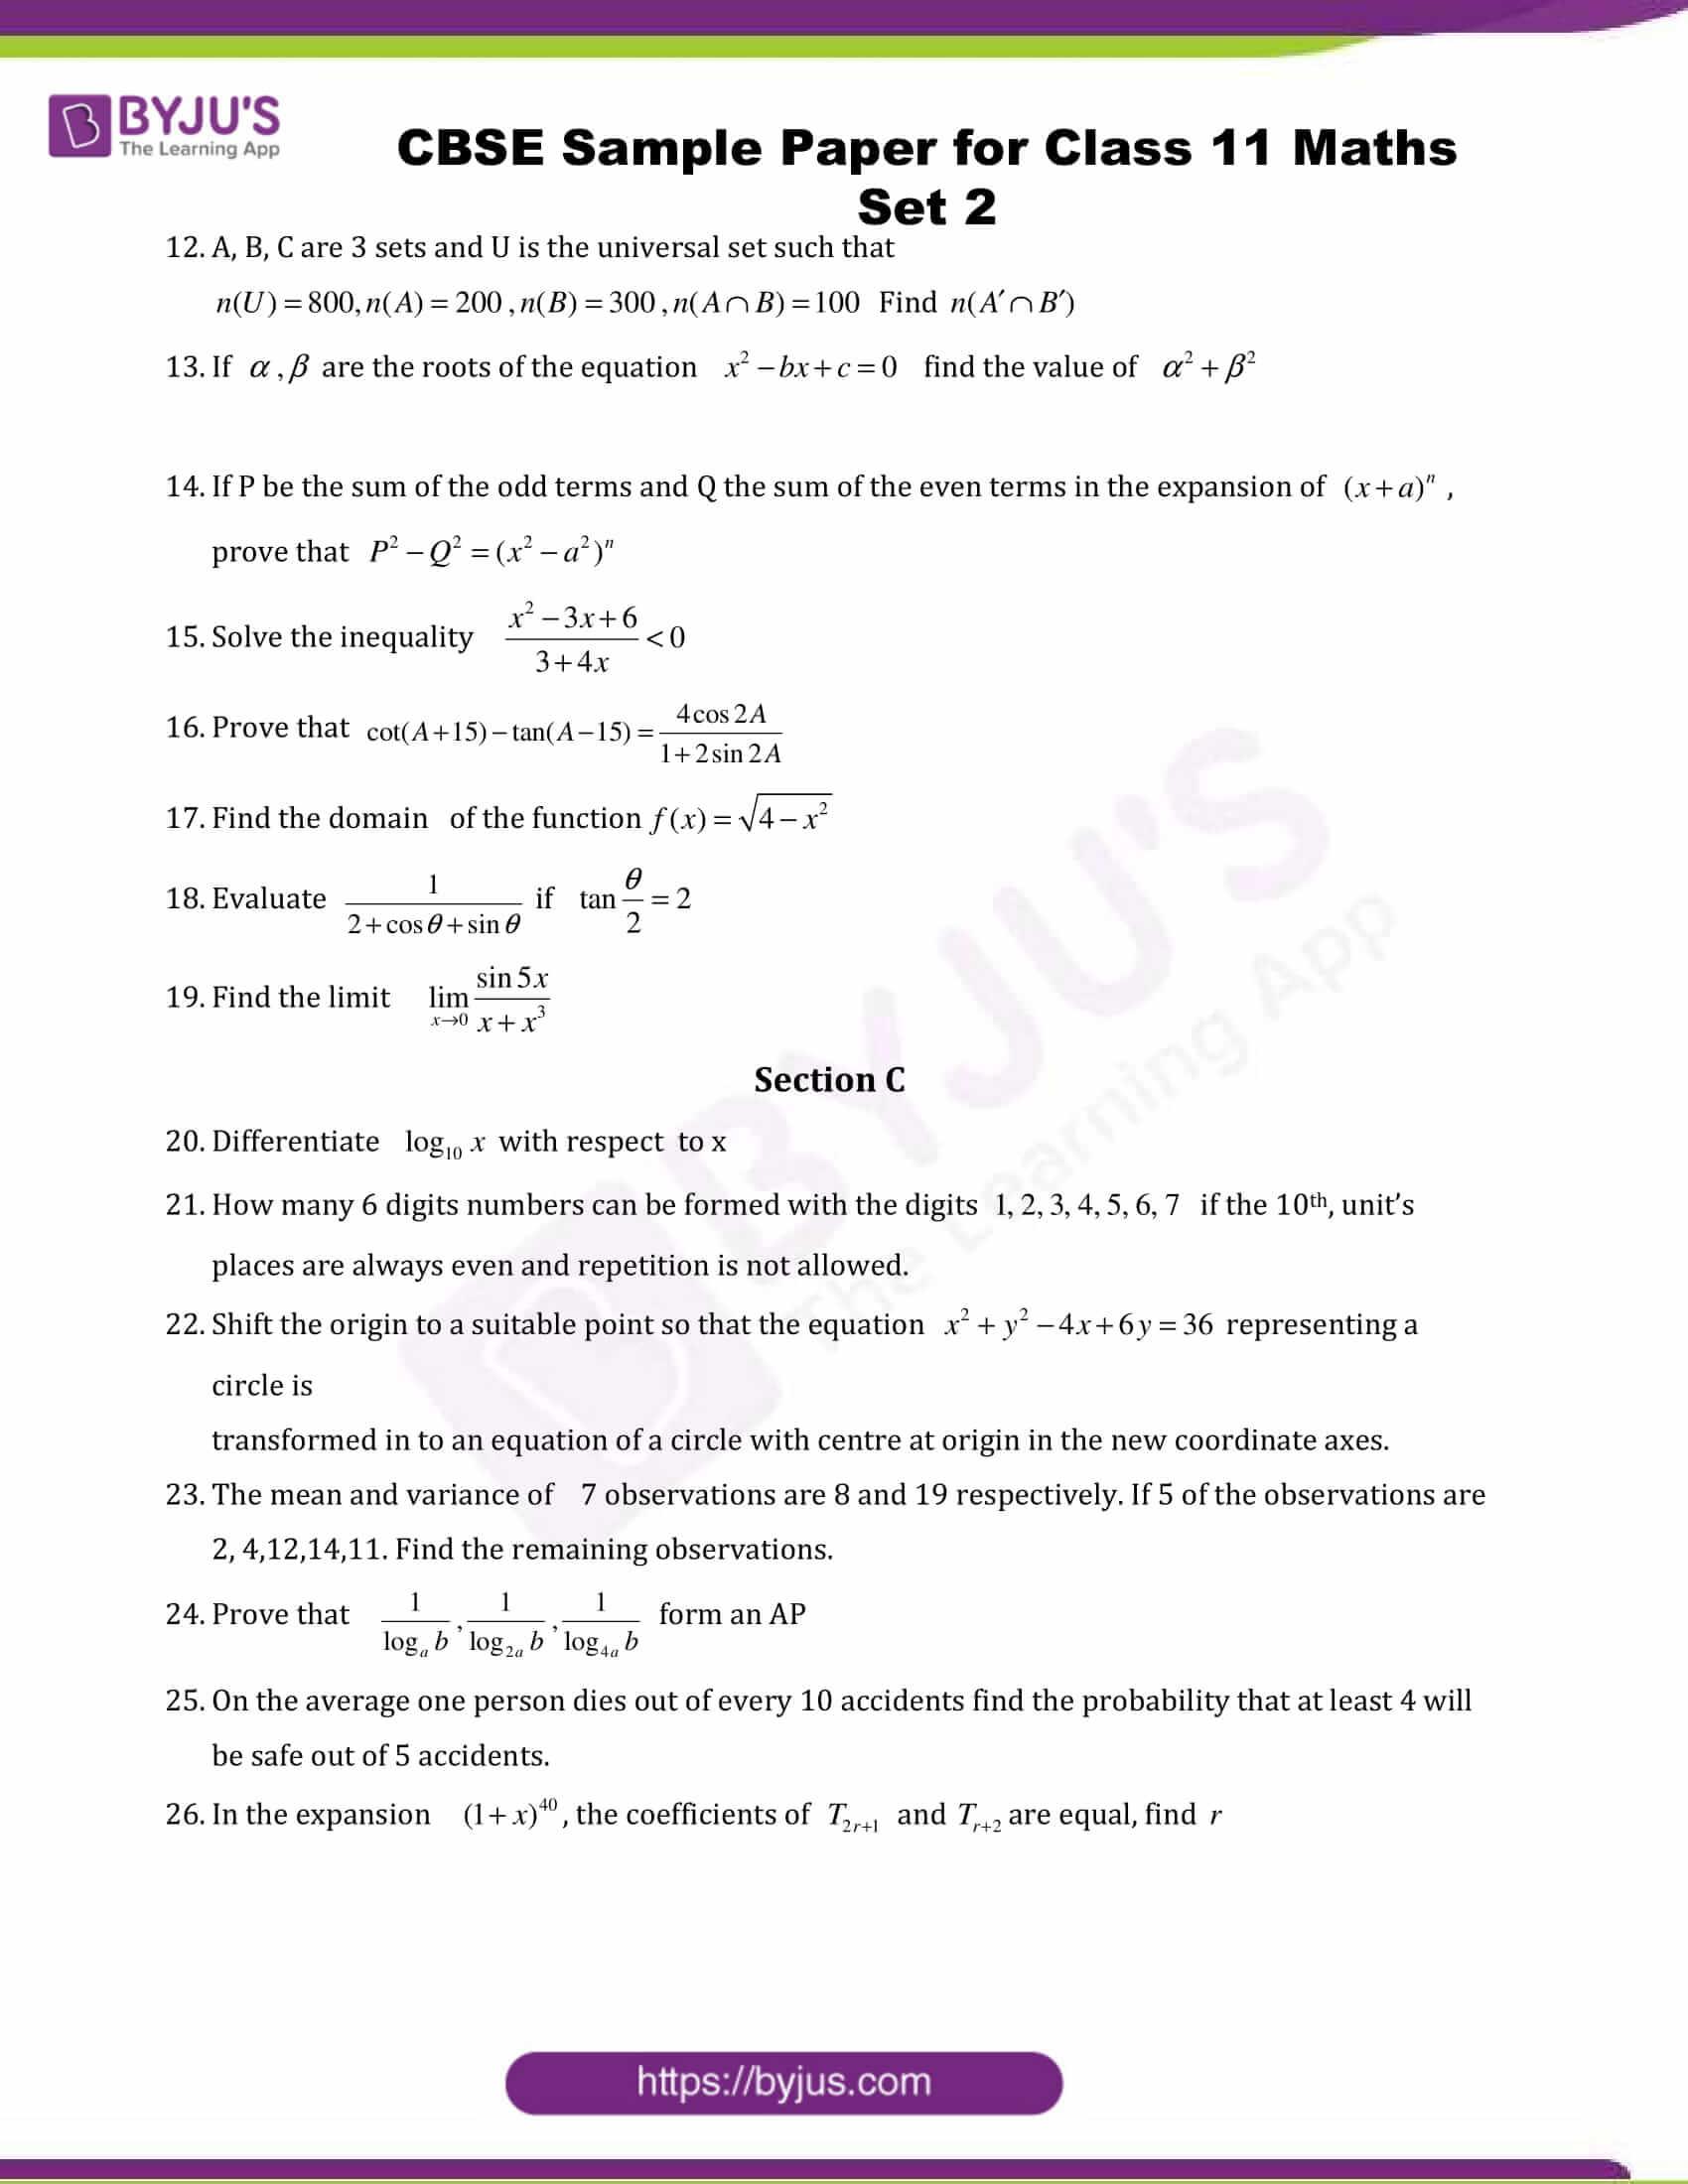 cbse sample paper class 11 maths set 2